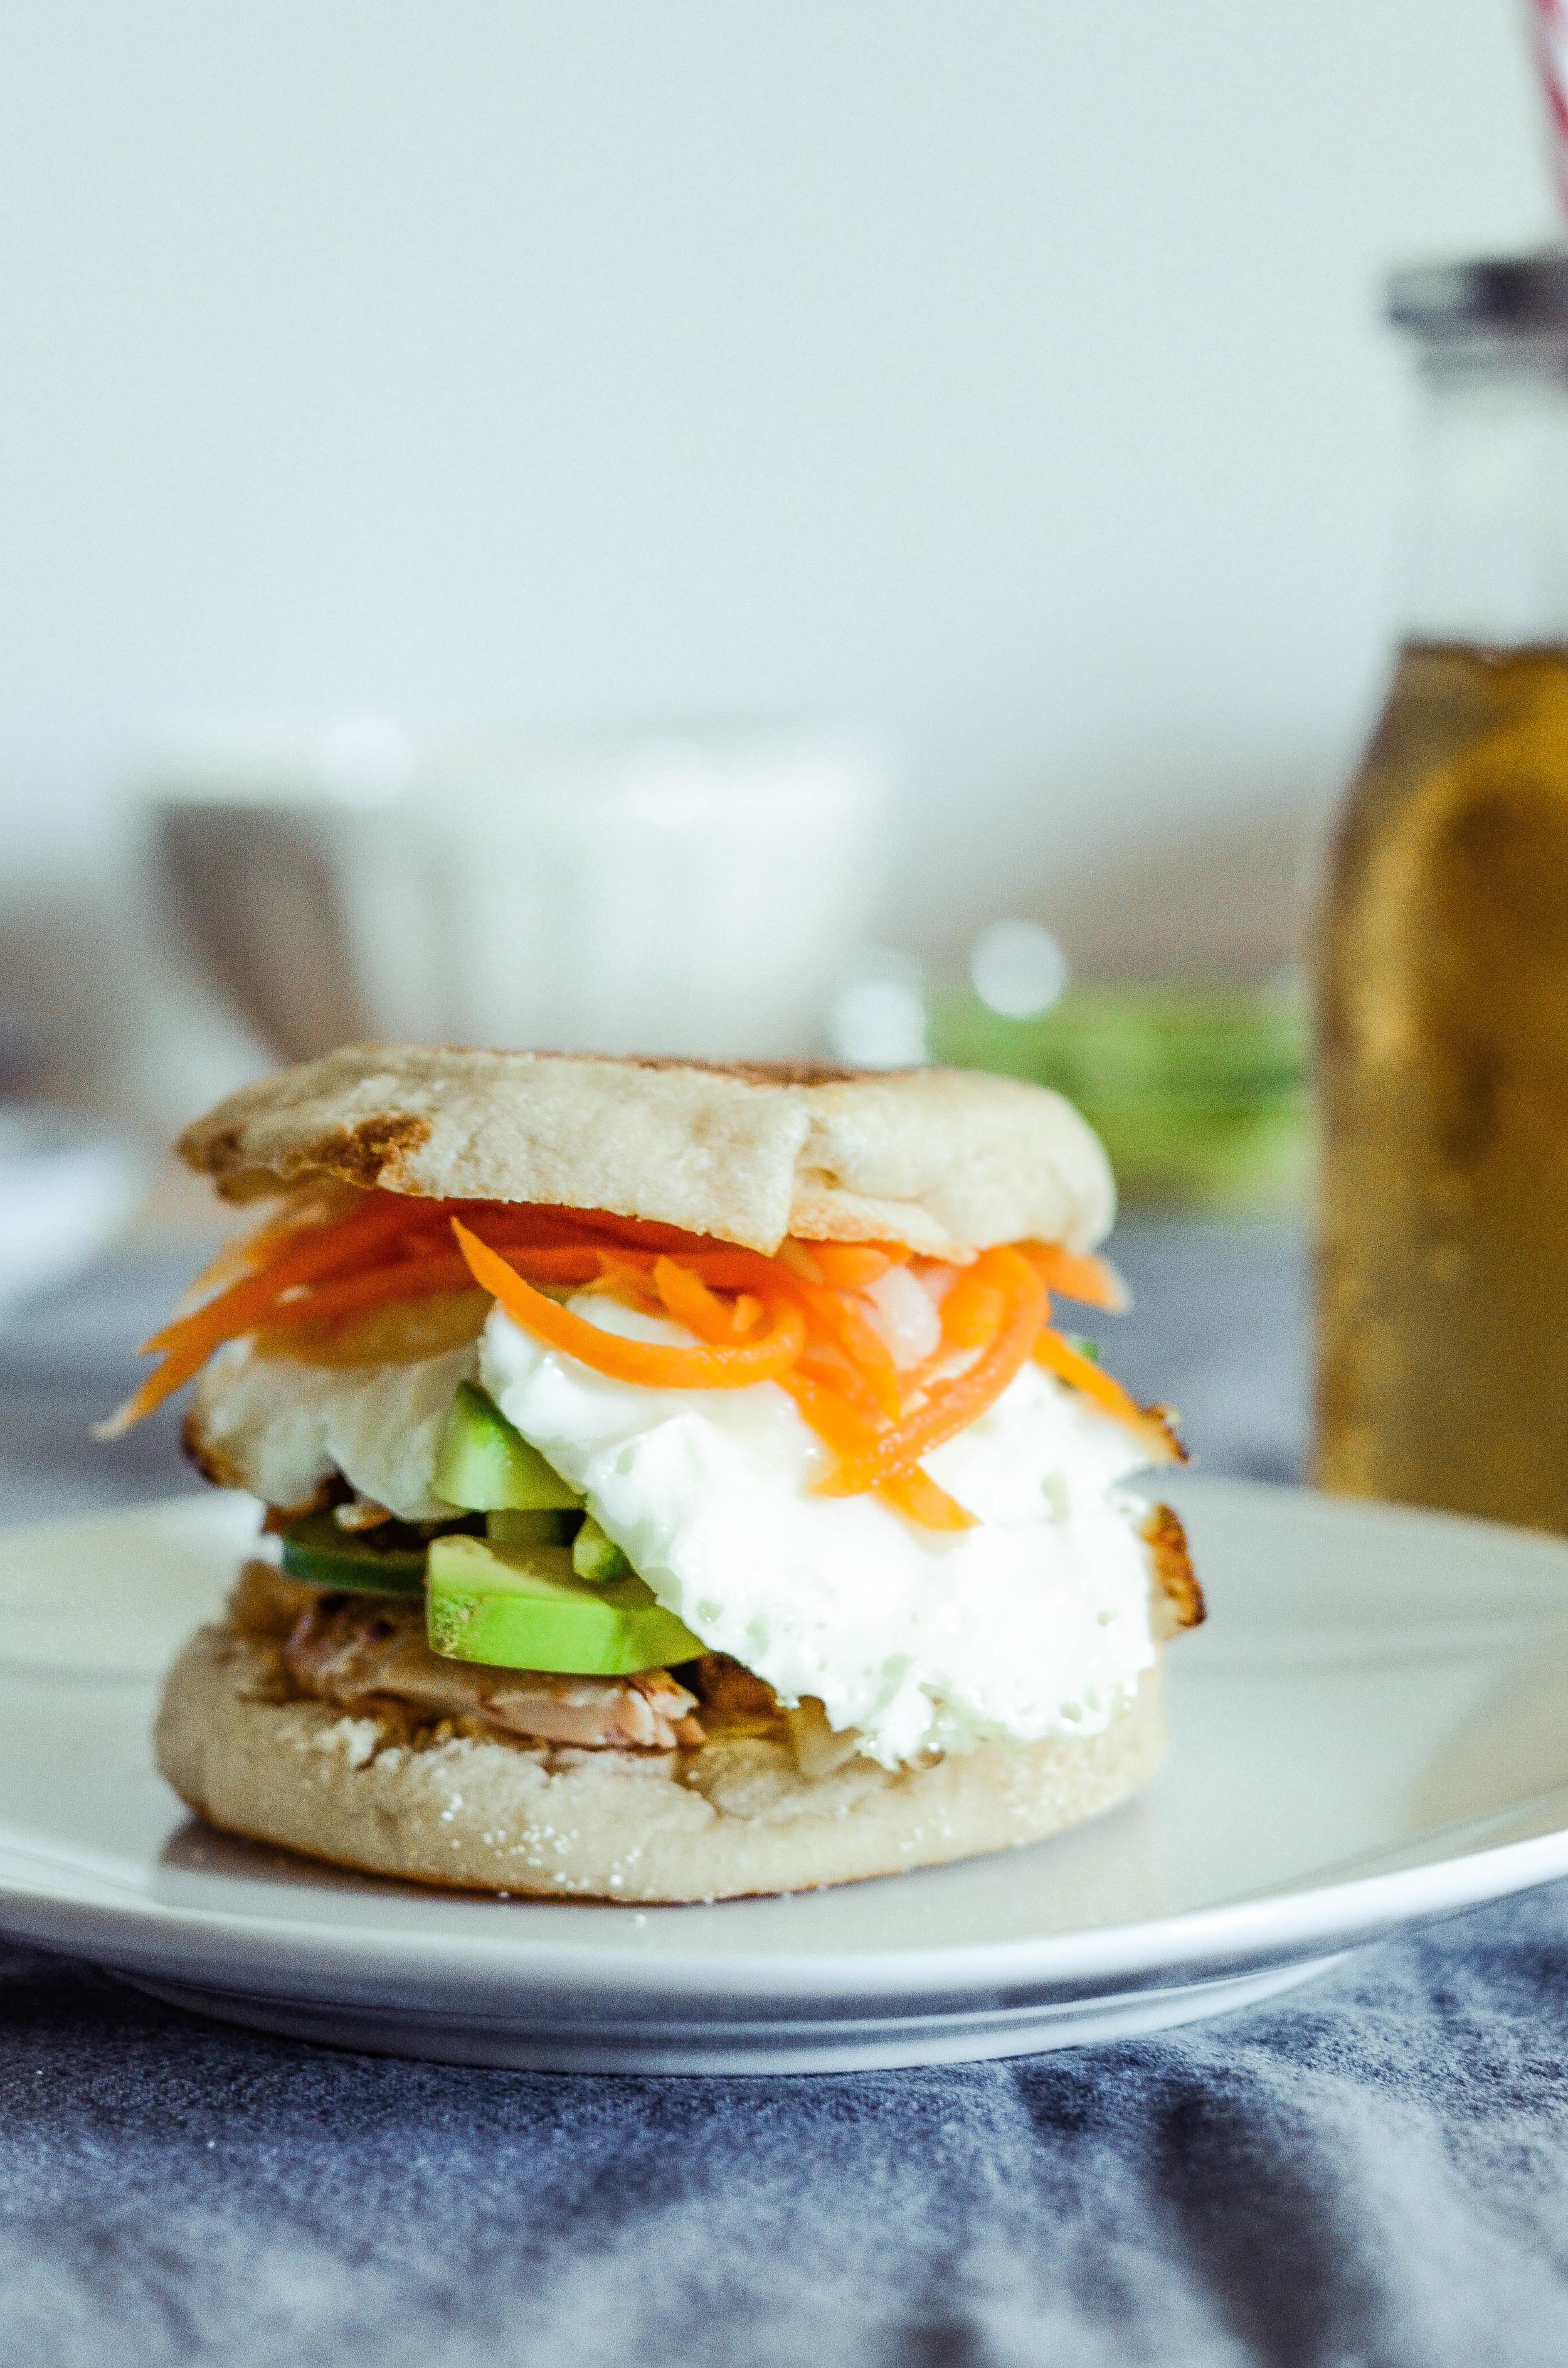 banh mi breakfast sandwich